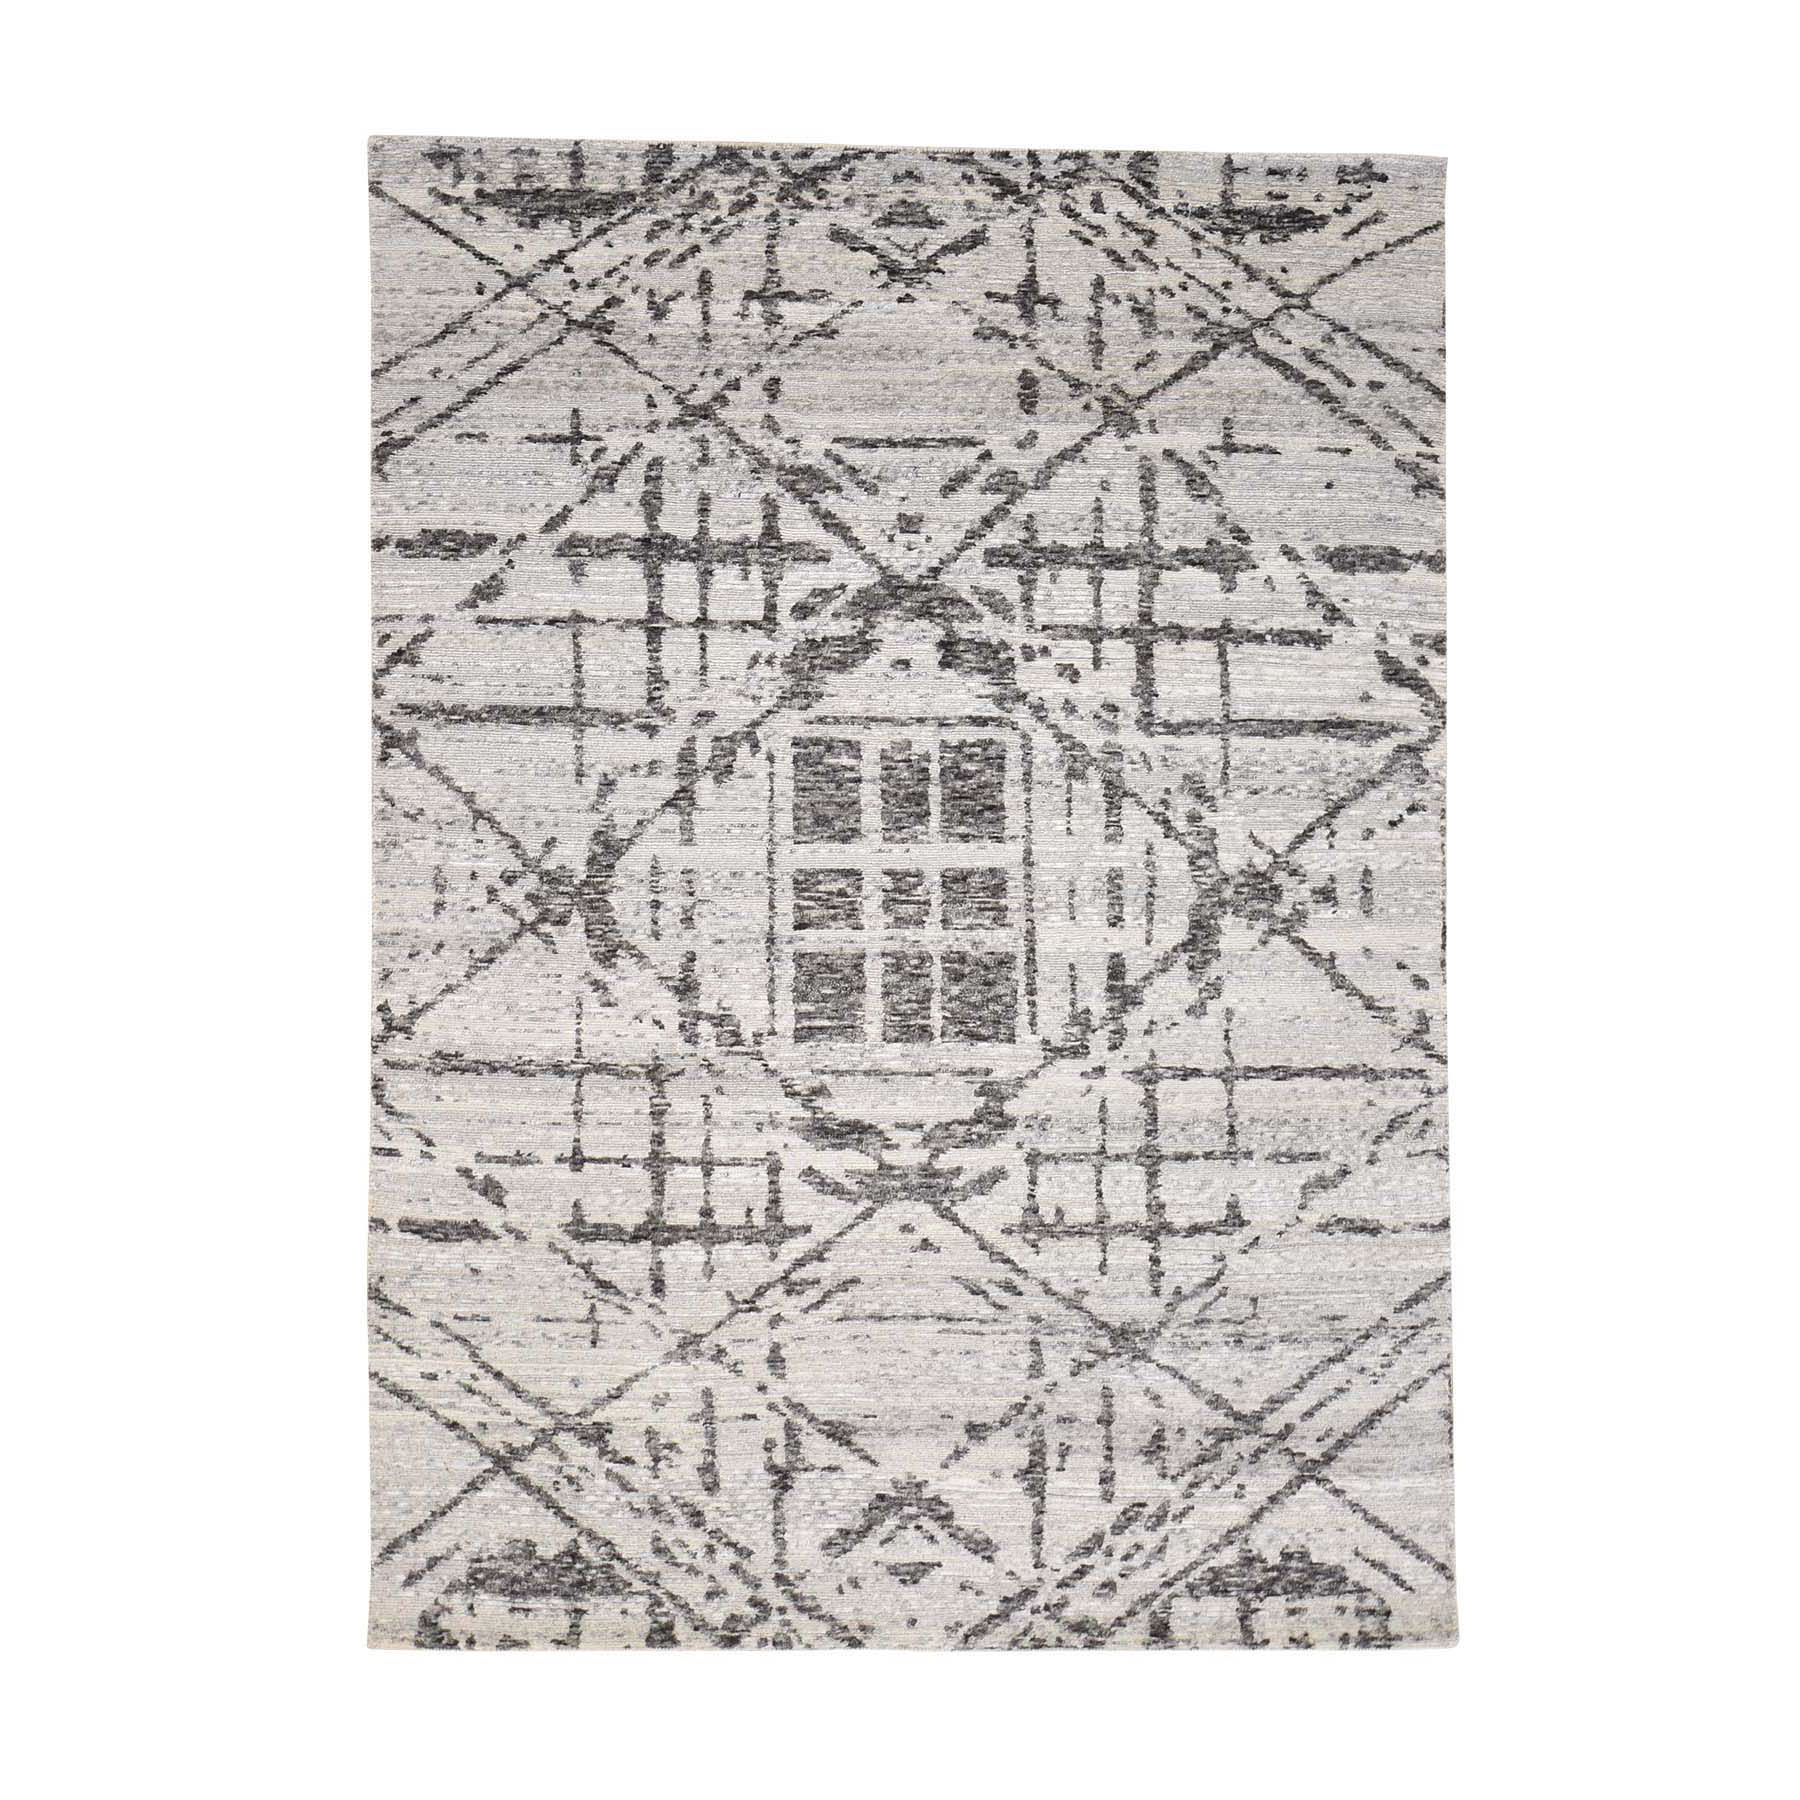 5'X7' Hand Spun Undyed Natural Wool Modern Grey Oriental Rug moac8a89